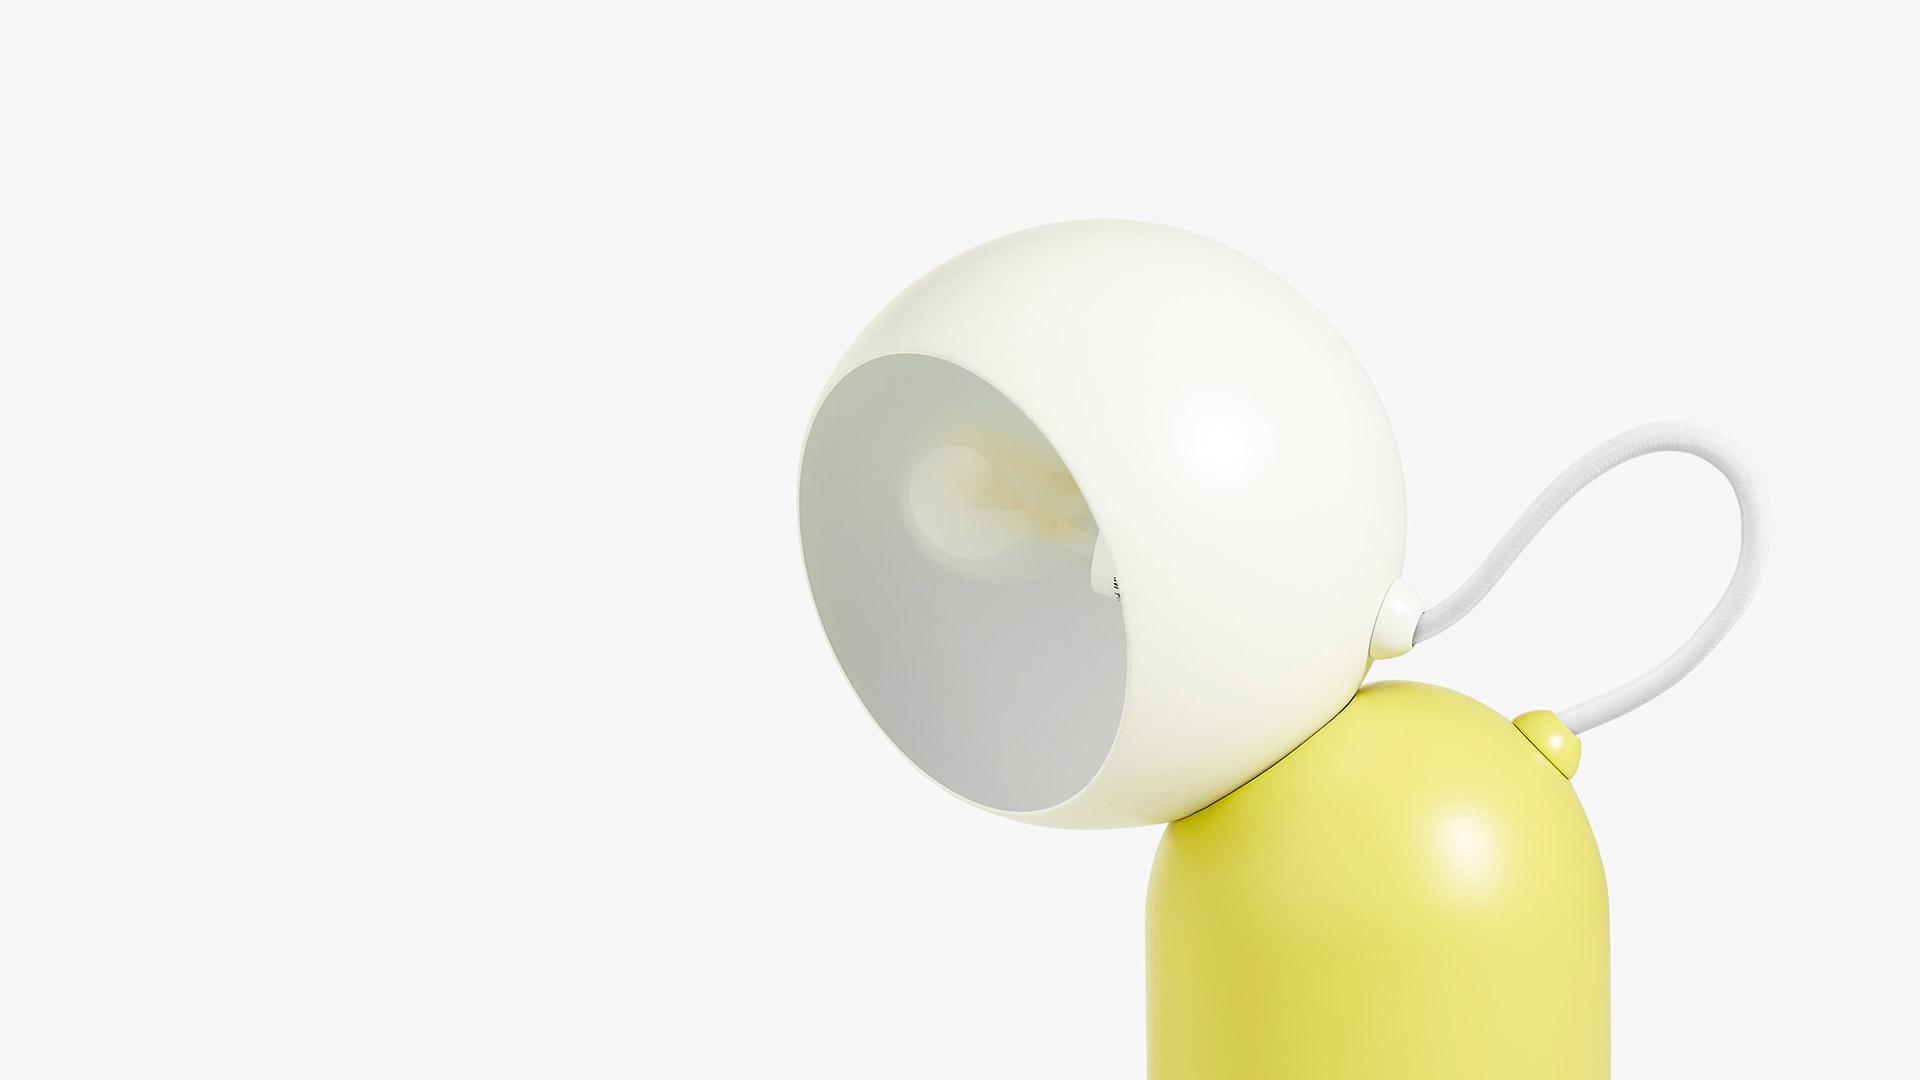 雾面暖白光源<br/>减少直射,保护眼睛